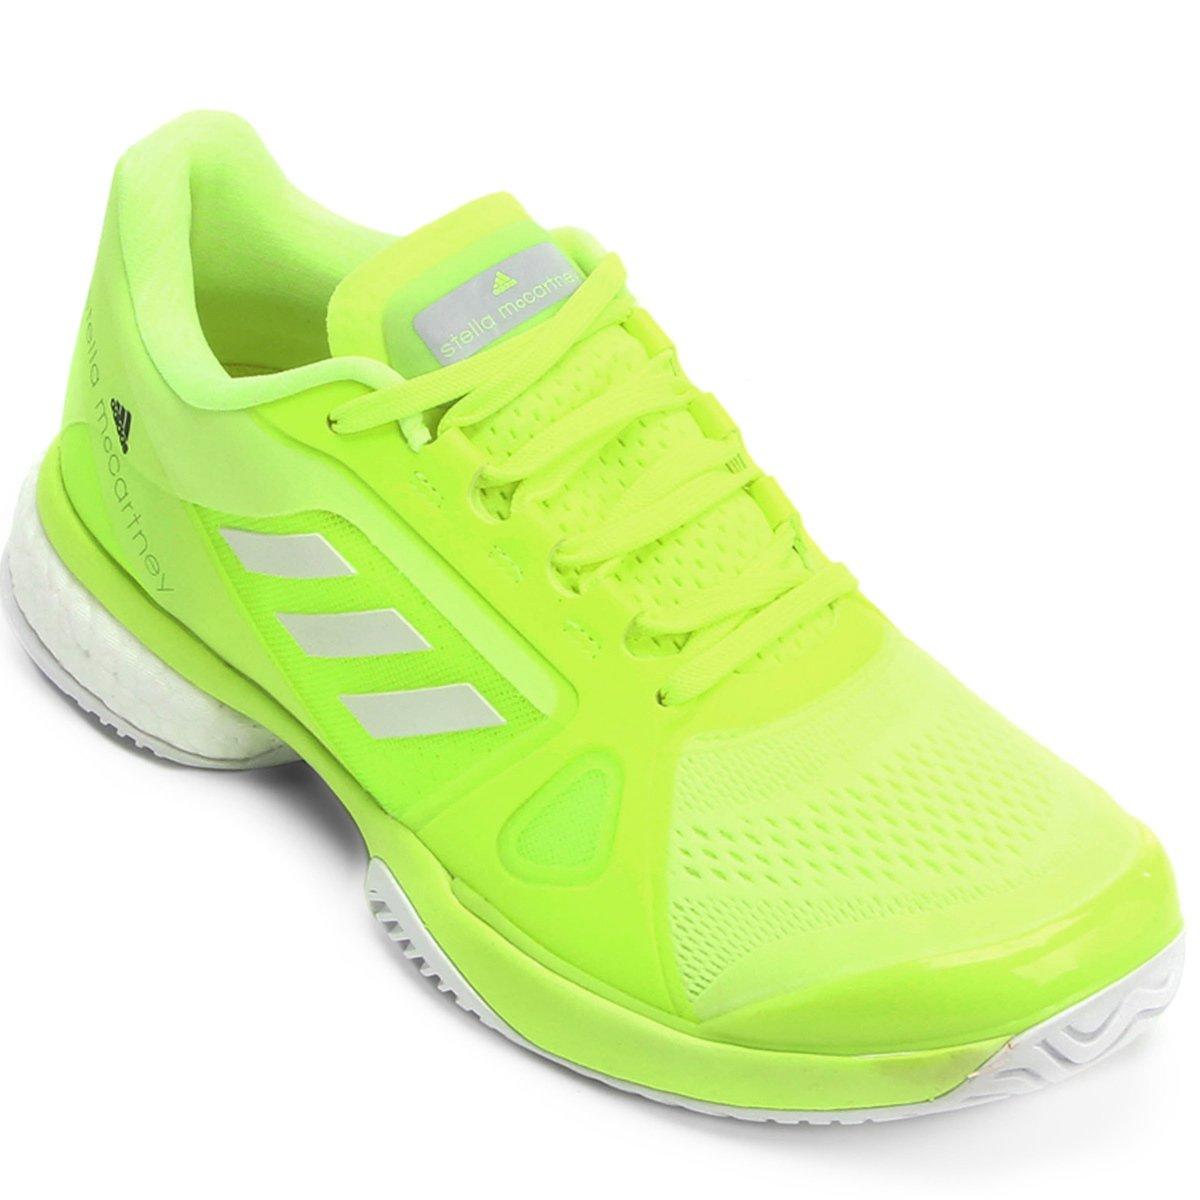 0cd1226c392 Tênis Adidas Asmc Barricade Boost Feminino - Compre Agora